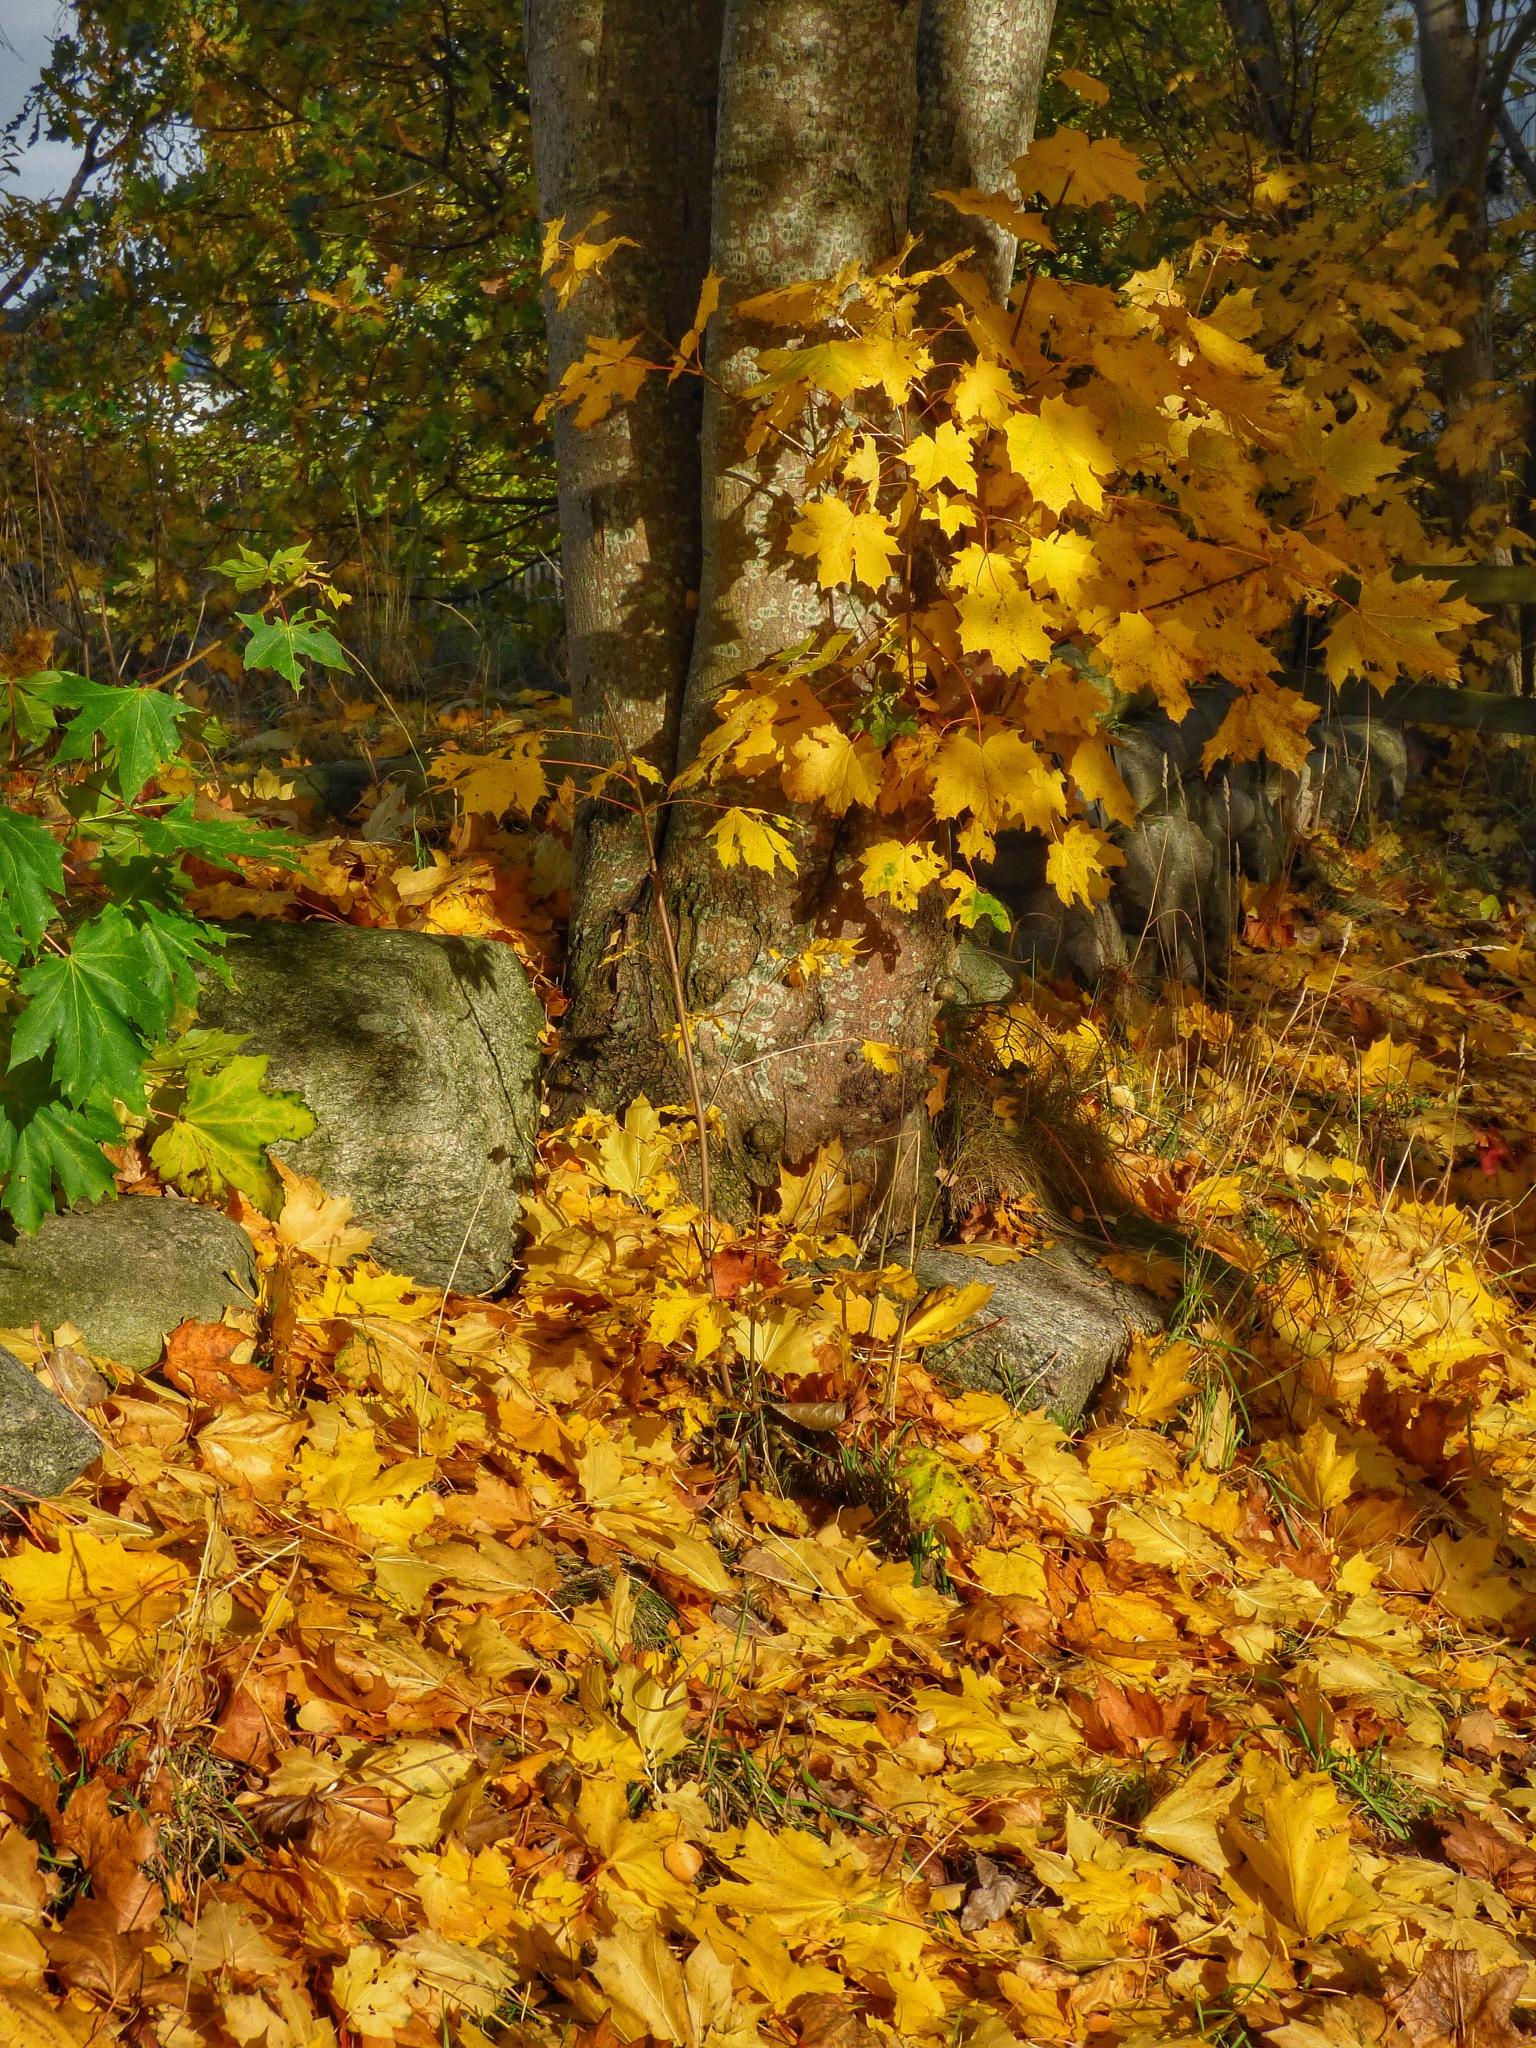 Autumnleaves by Helene Åvall